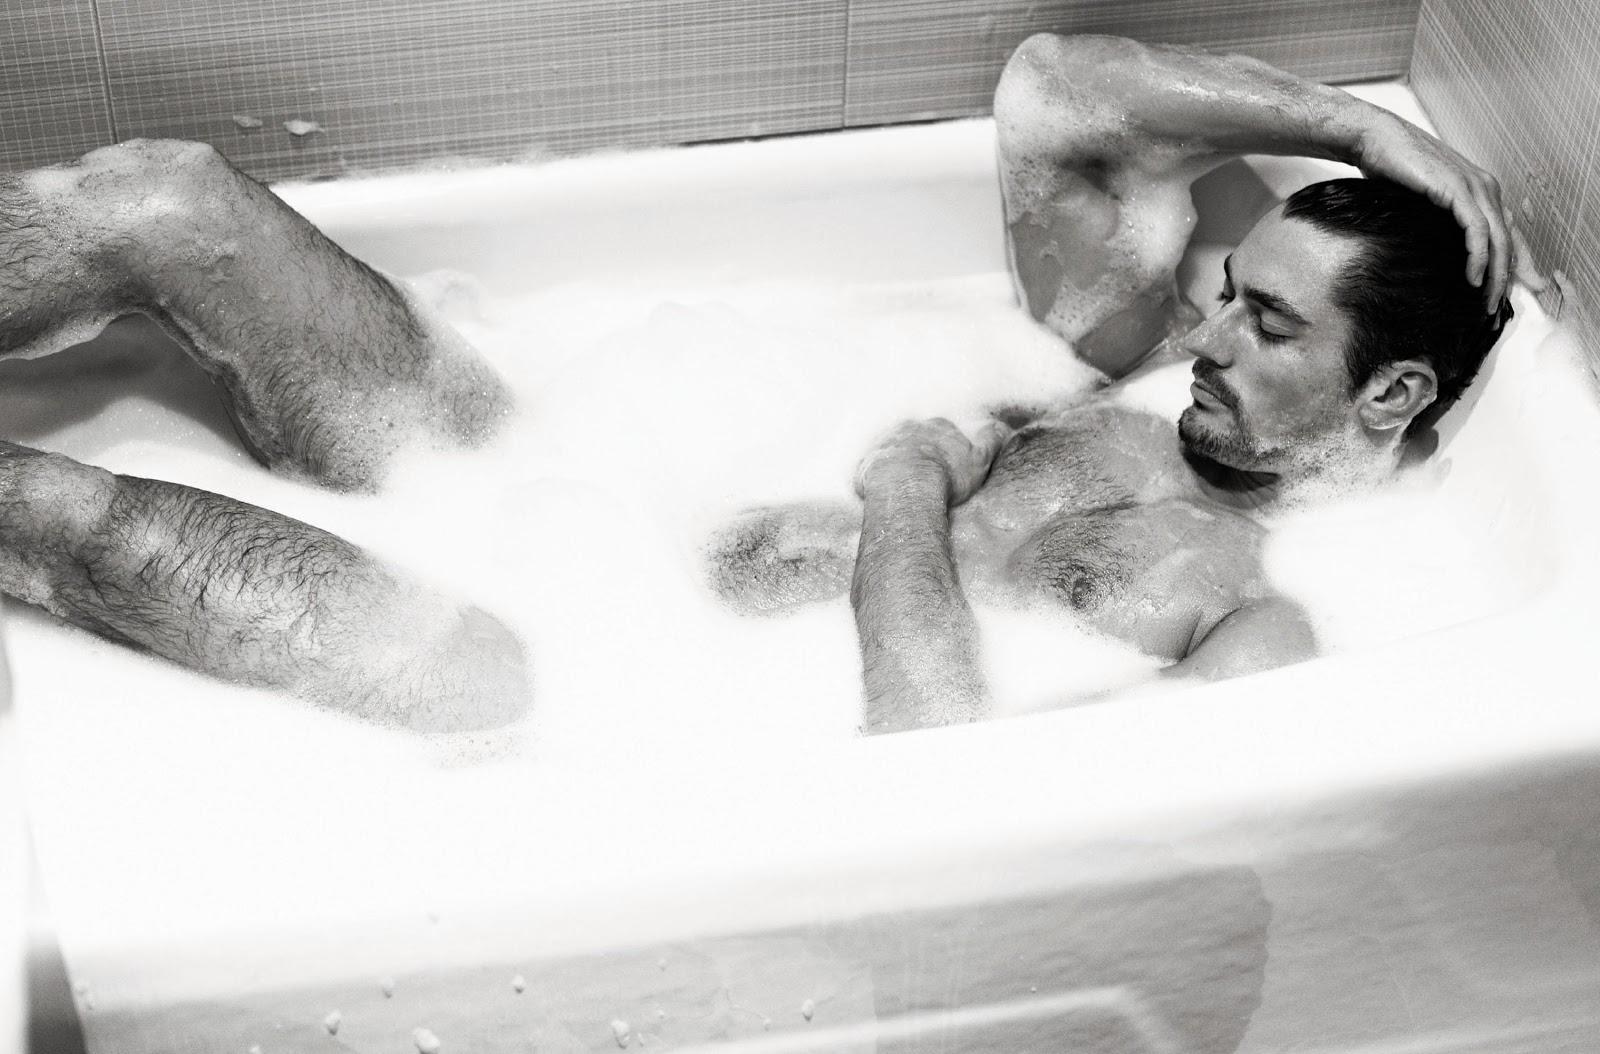 Трахаю зрелую раком в ванной, Порно В ванной Раком -видео. Смотреть порно 3 фотография